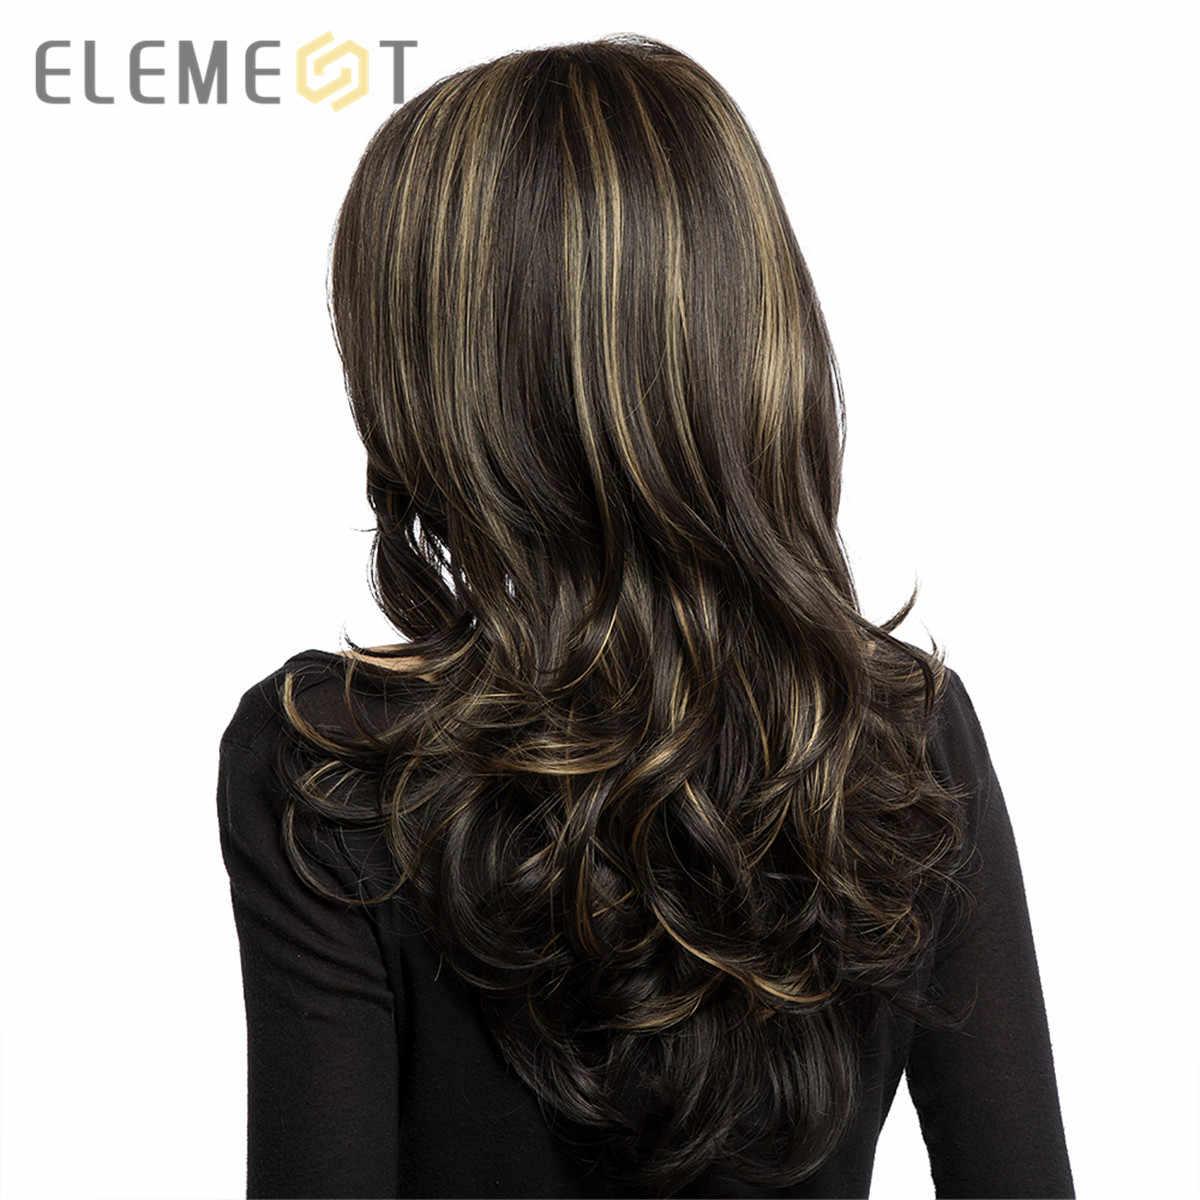 Pelucas largo ondulado de fibra resistente al calor con flequillo lateral sintético marrón mezclado pelucas rubias para mujeres blancas/negras